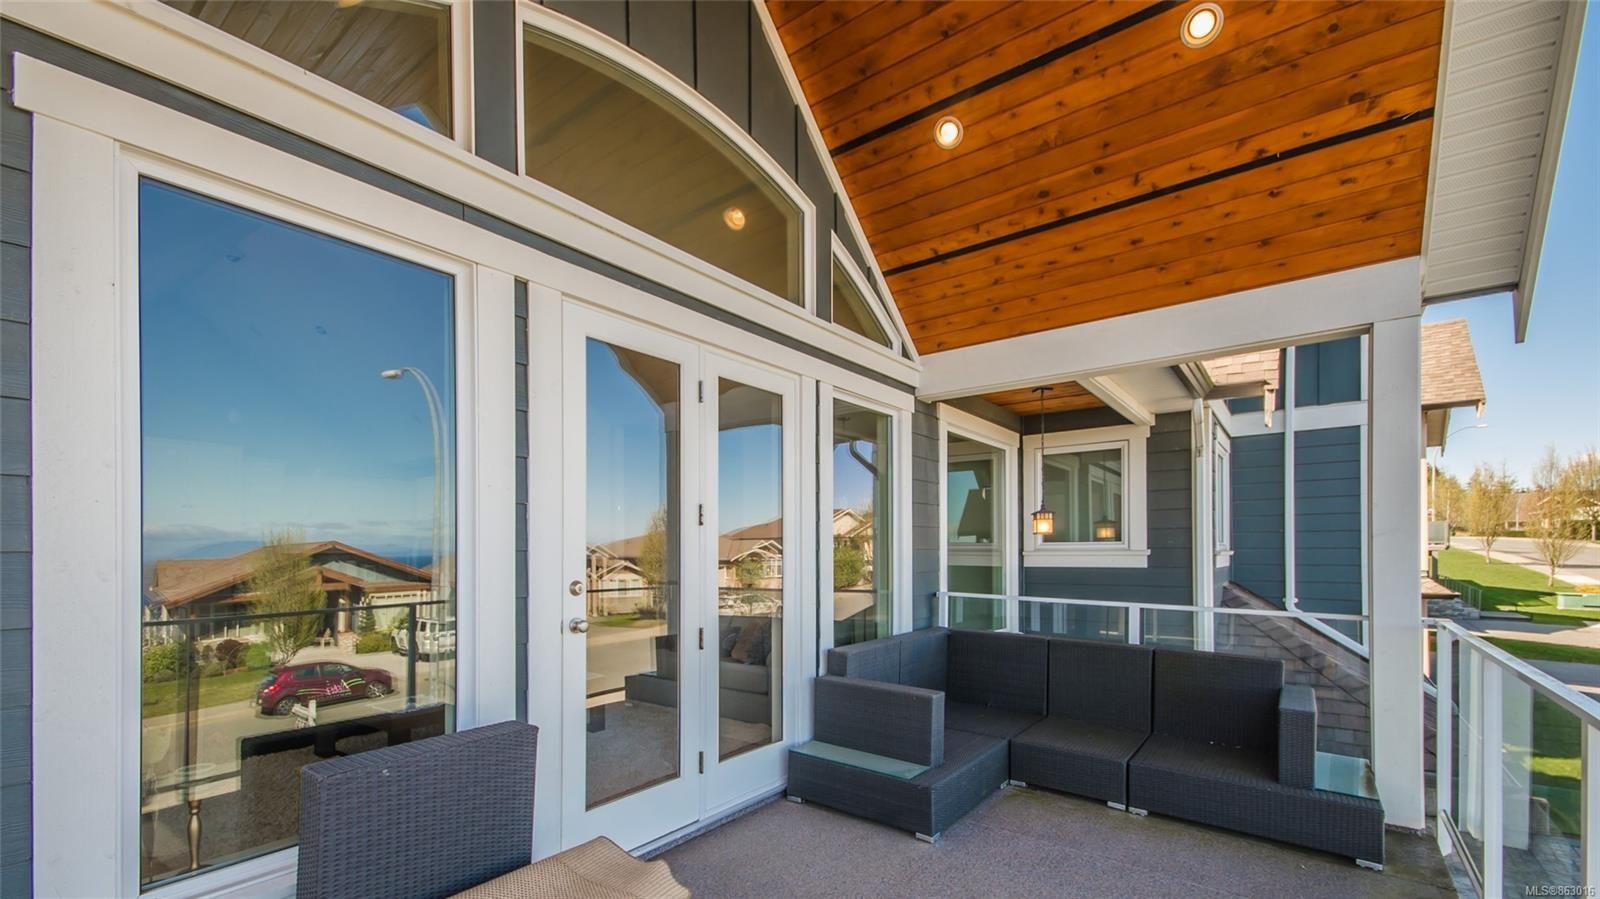 Photo 41: Photos: 5361 Laguna Way in : Na North Nanaimo House for sale (Nanaimo)  : MLS®# 863016